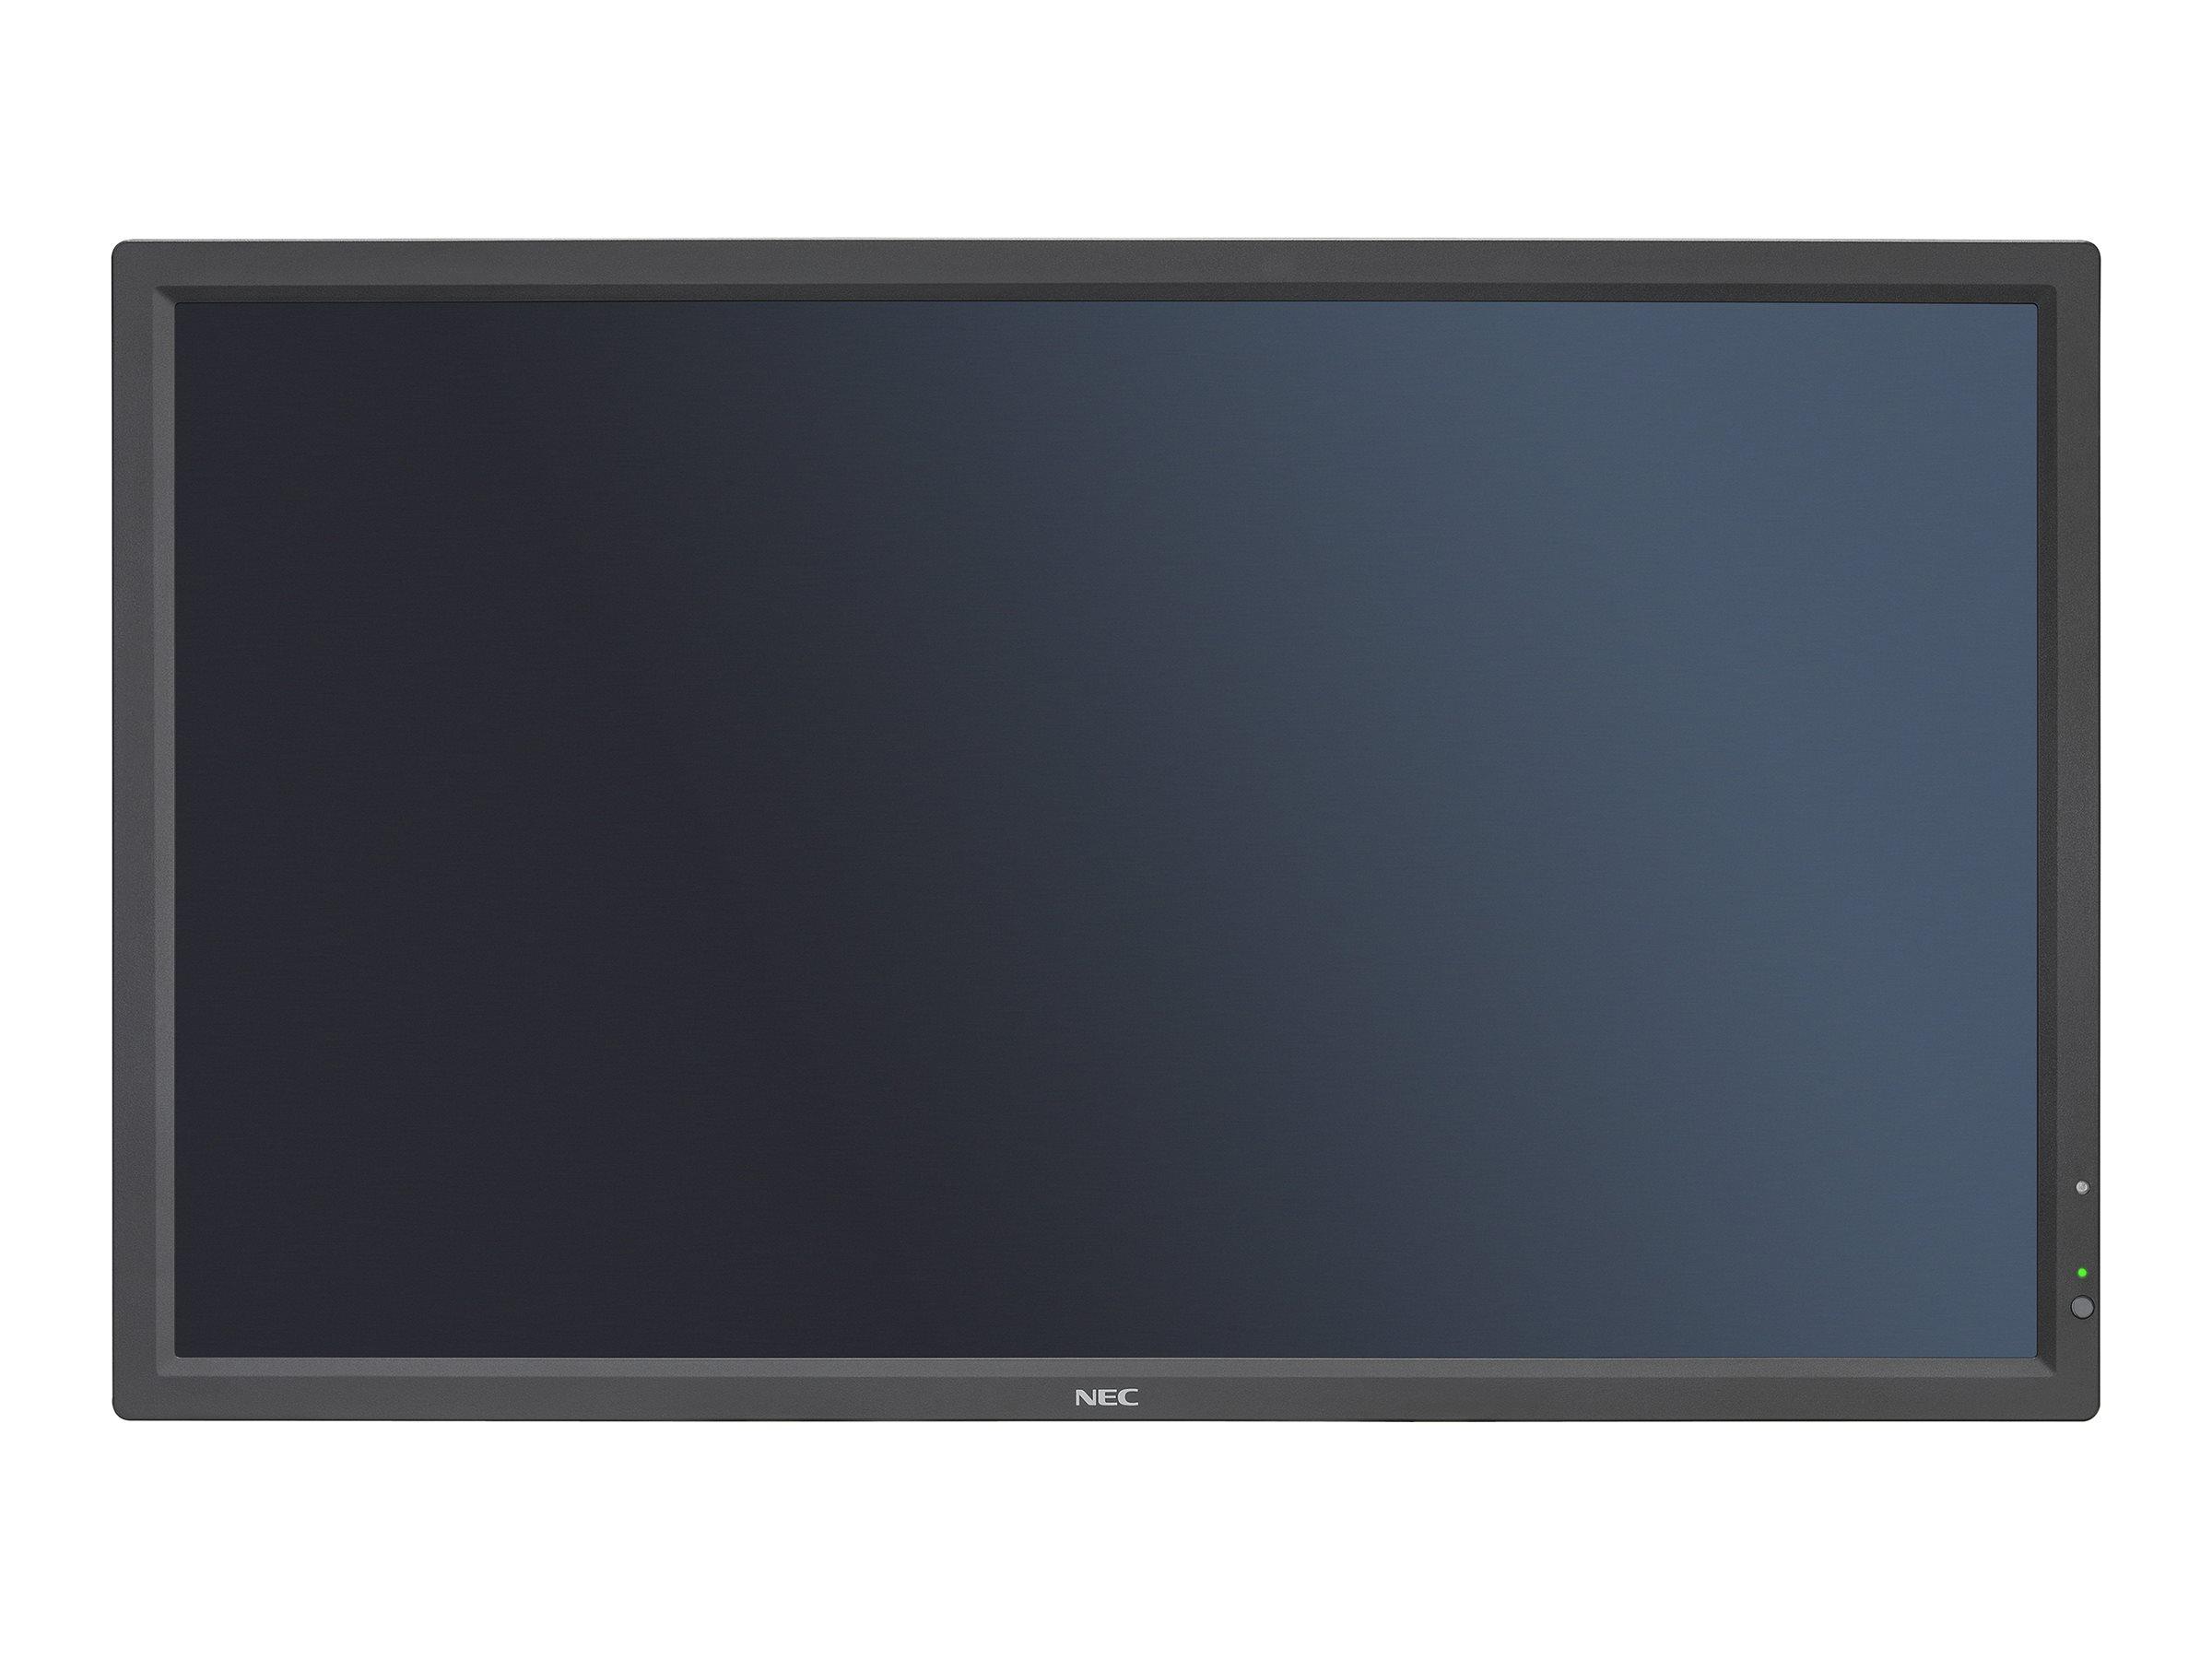 NEC MultiSync V323-2 PG - 80 cm (32